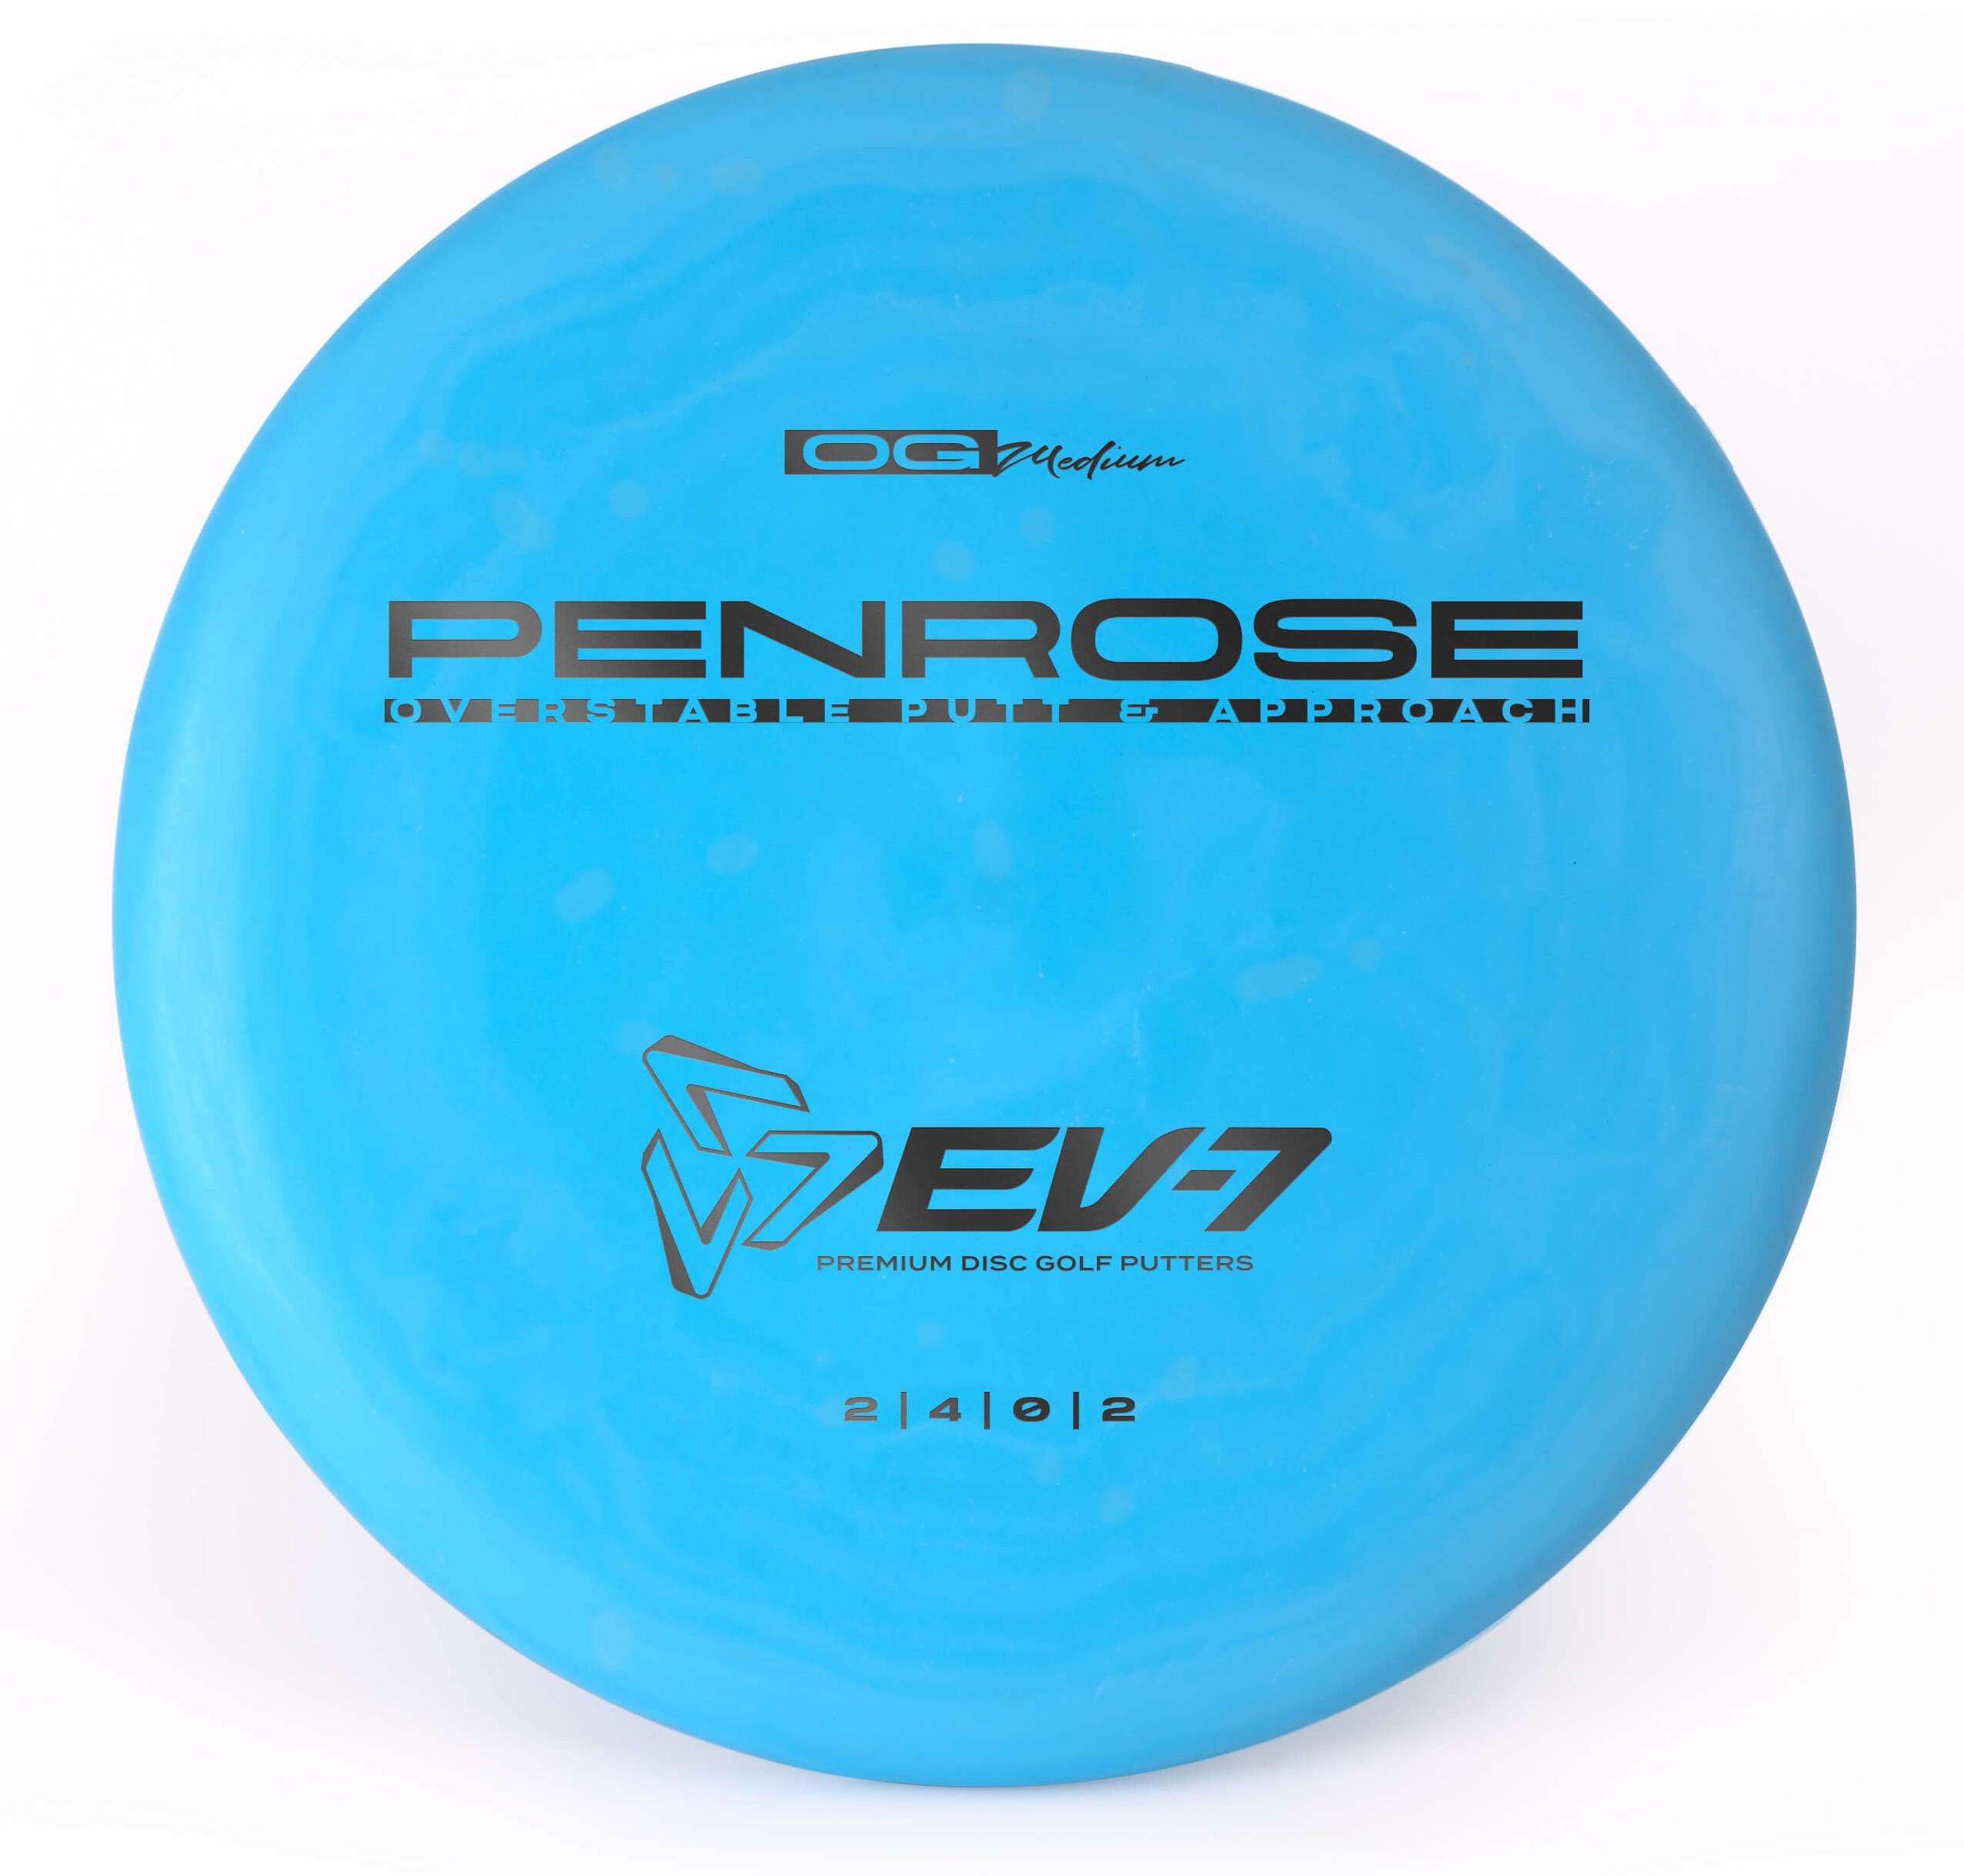 EV-7 OG Medium Penrose